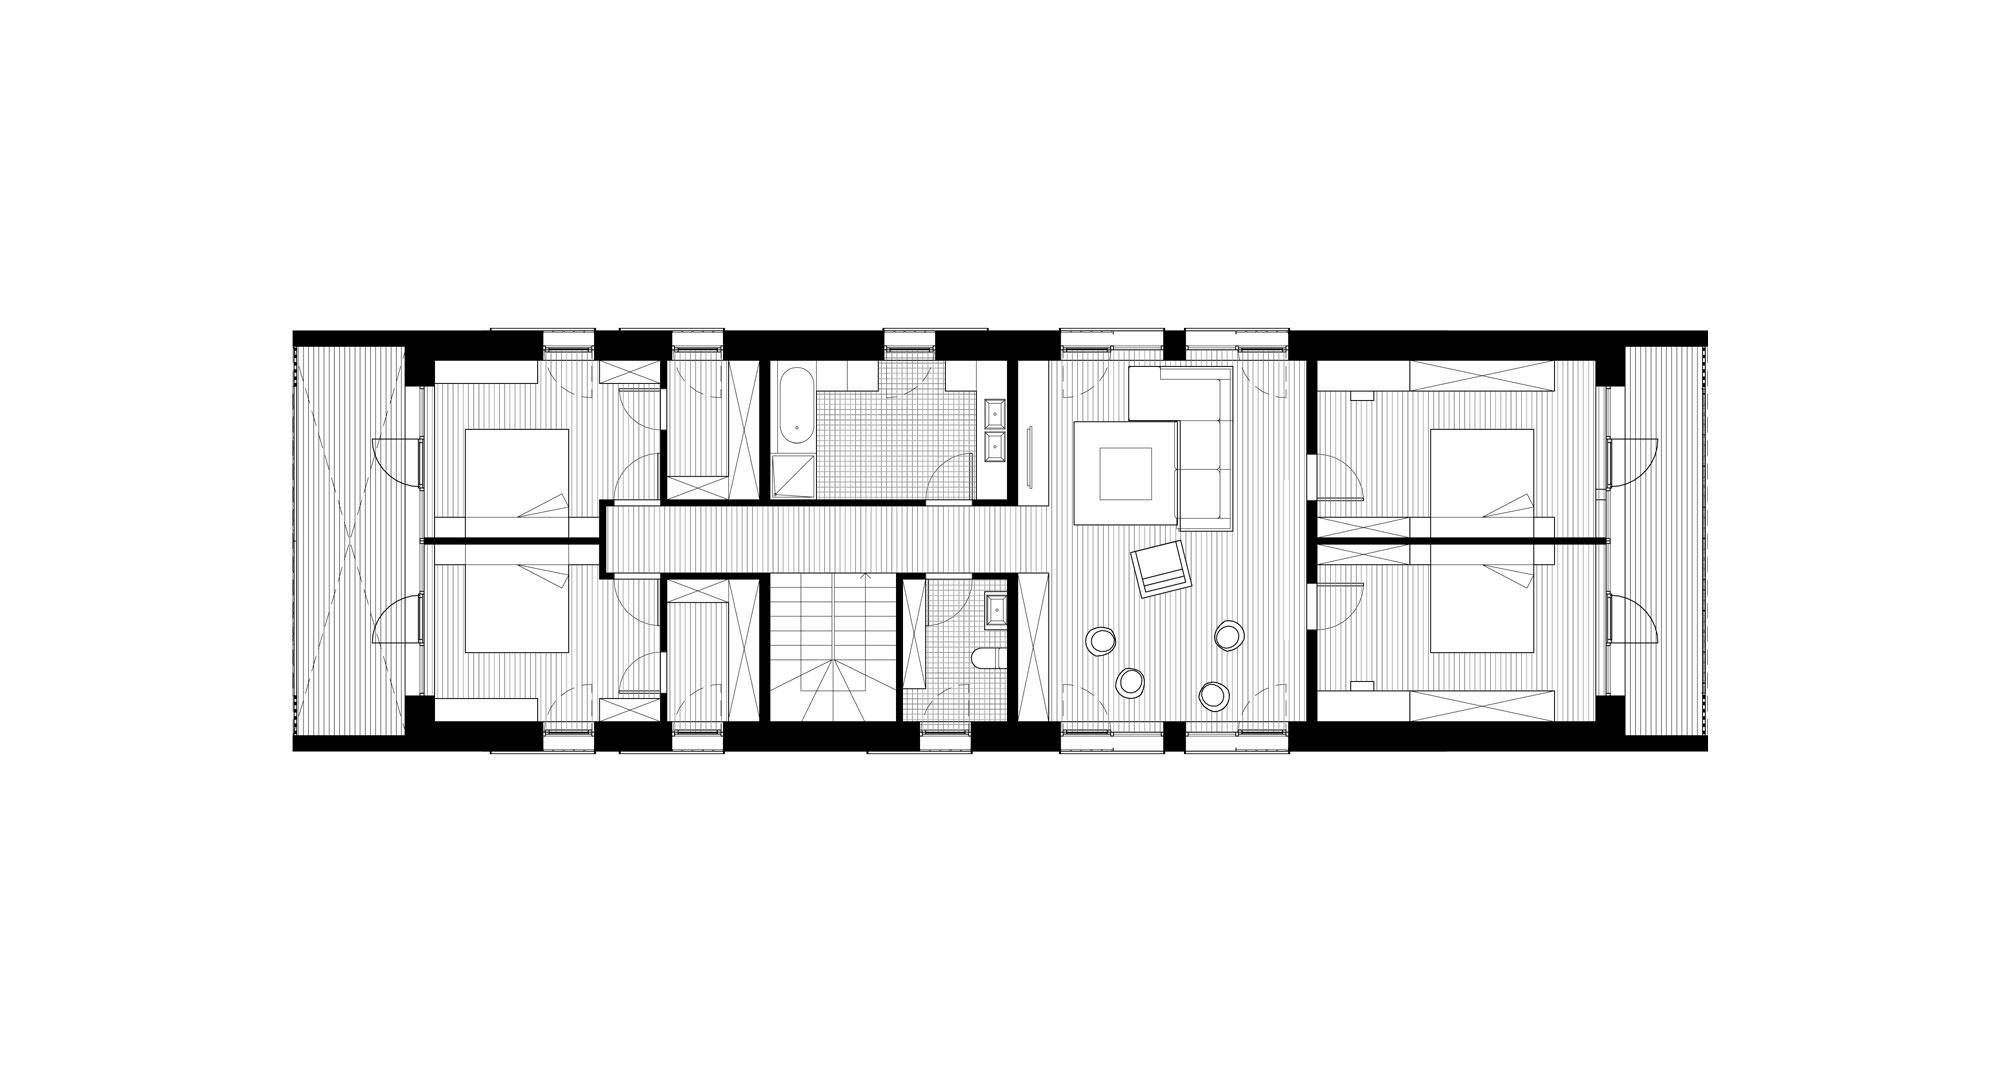 kubinis-metras_namas_2a-planas